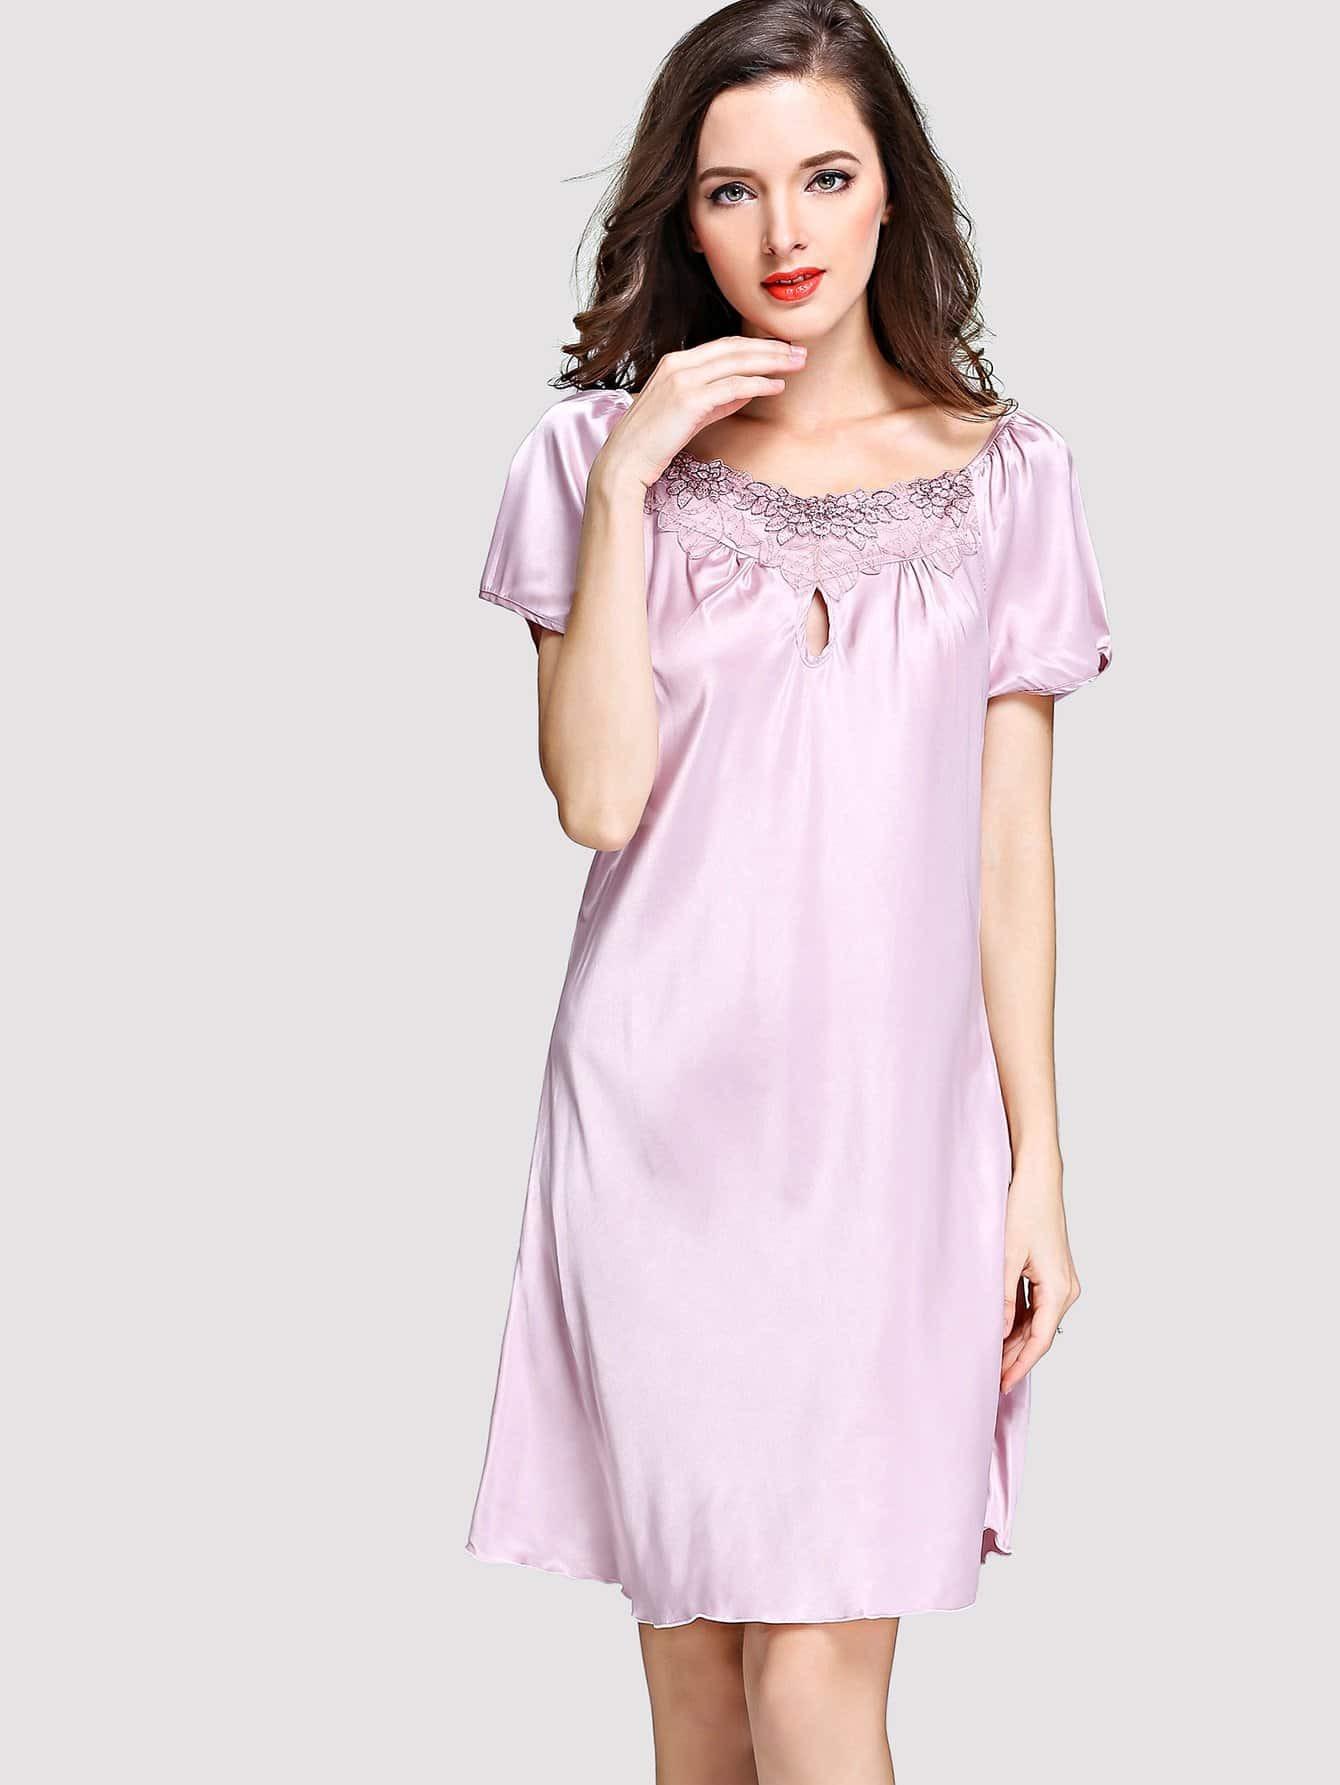 Купить Ночное платье с кружевами цветы и вырезами, null, SheIn